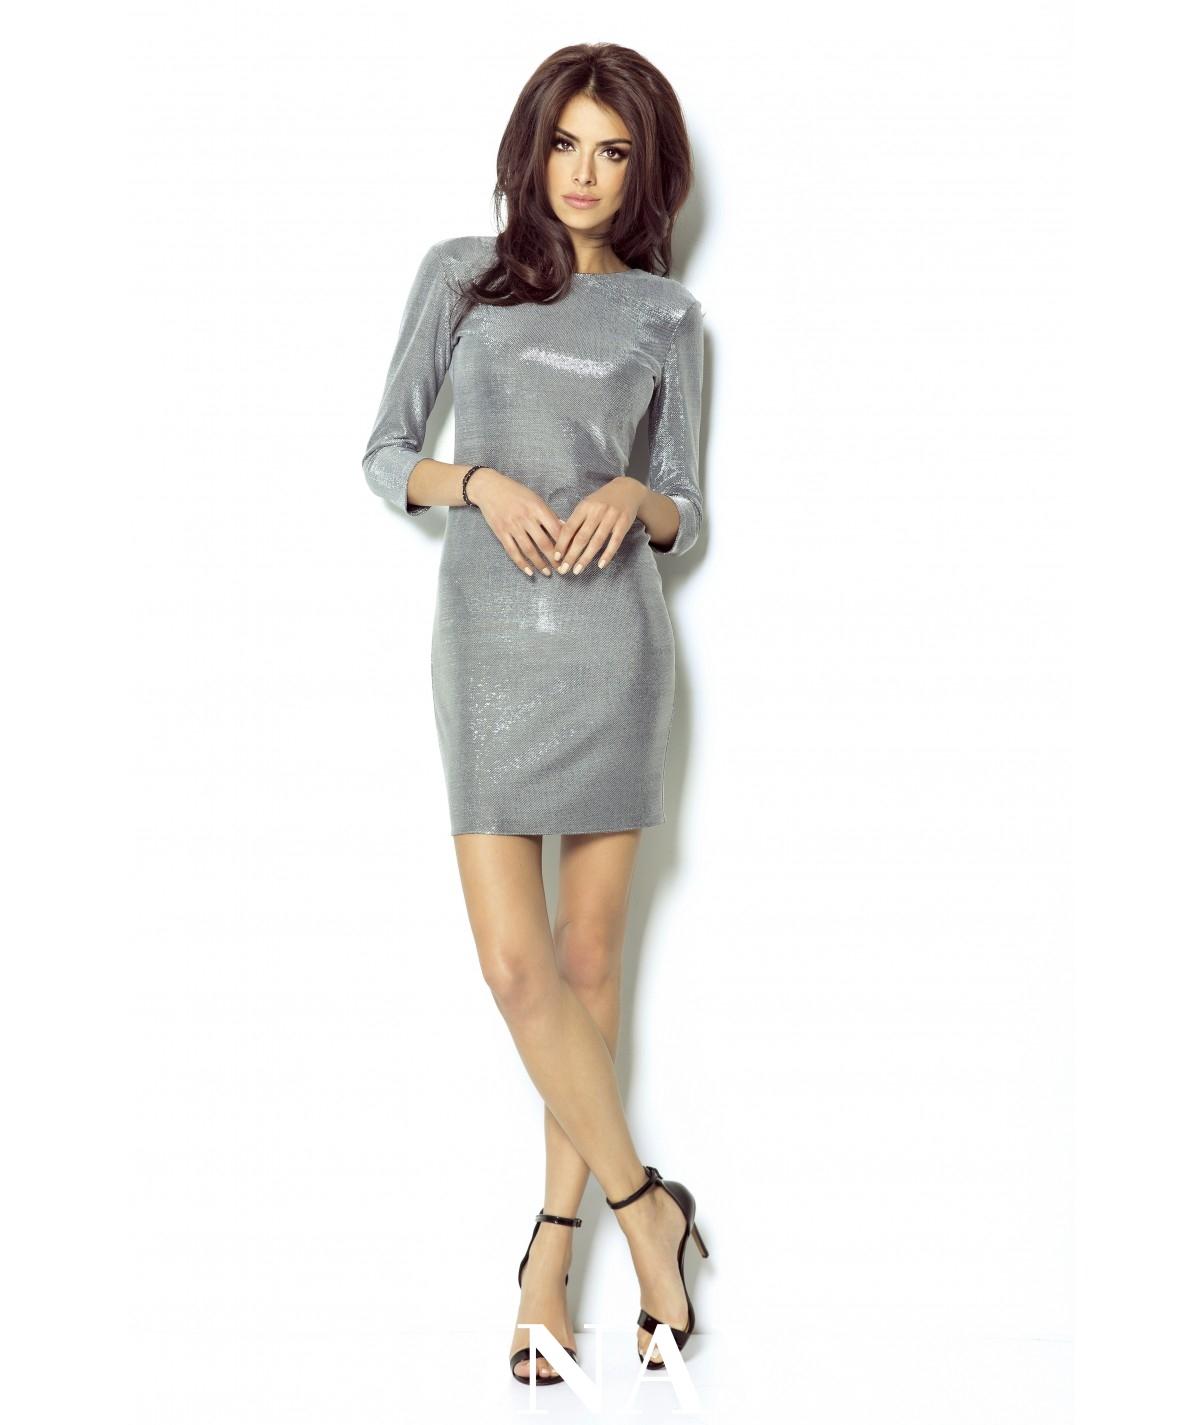 Sukienka na karnawał - Cleo - srebrna